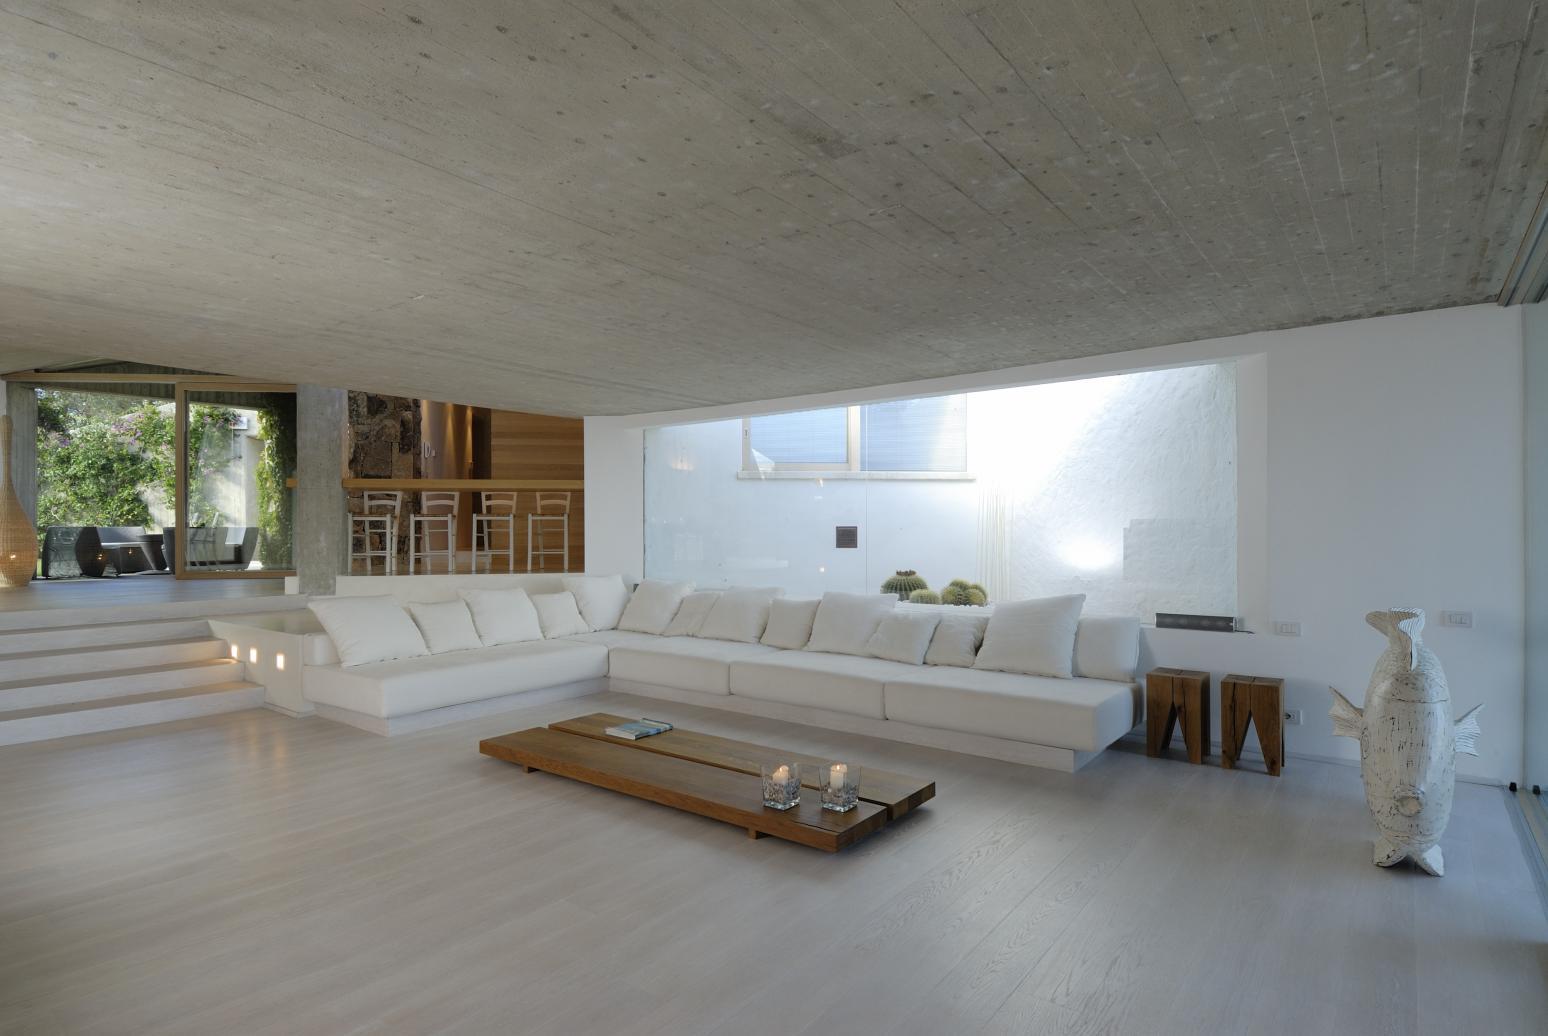 design interni , legno, ristrutturazioni, cucine su misura trento